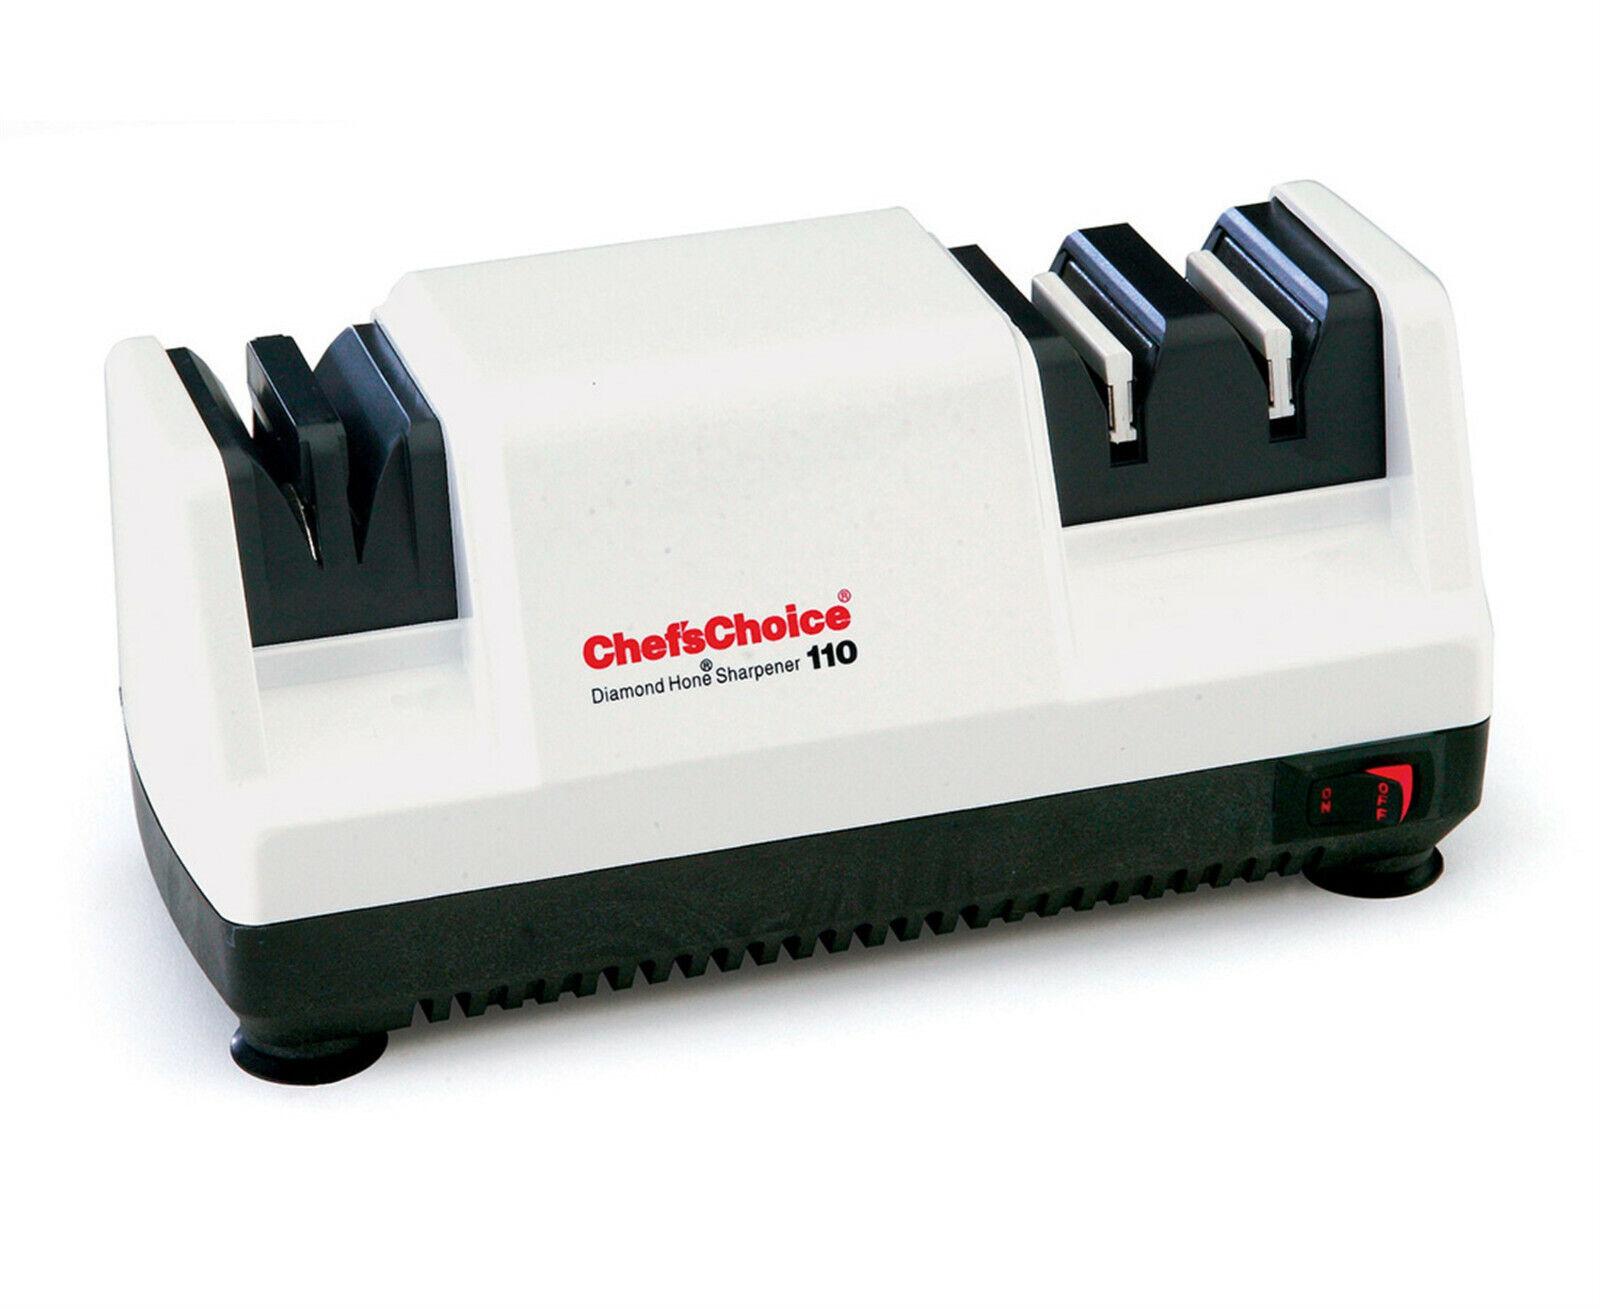 Chef's choice 110   affilatore elettrico con affilatori al diamante  made in USA